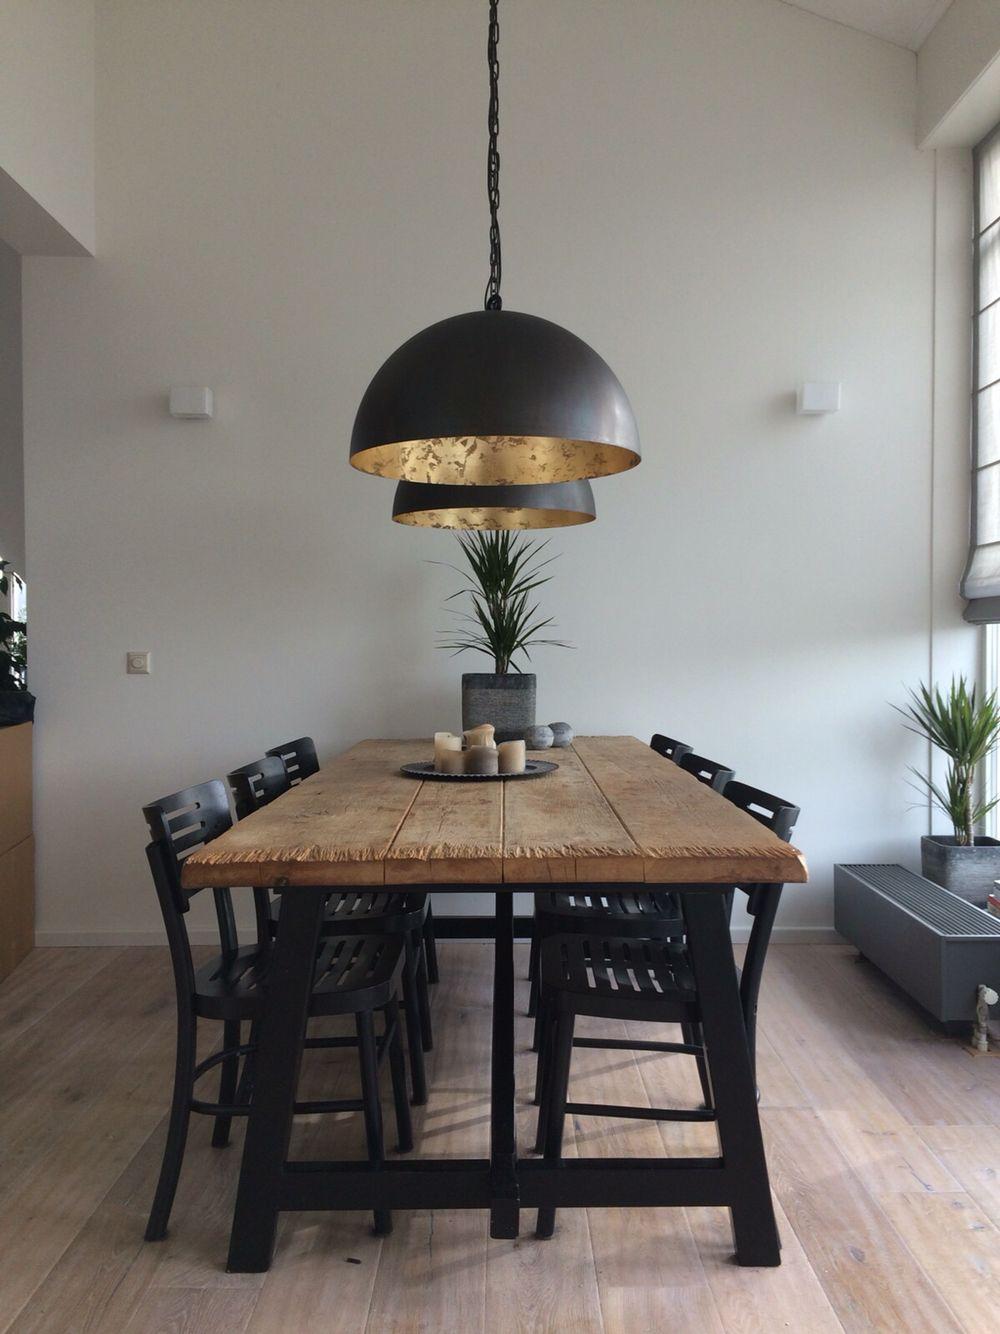 Lichtdesign Voorschoten | Stół | Pinterest | Cottage interiors ...